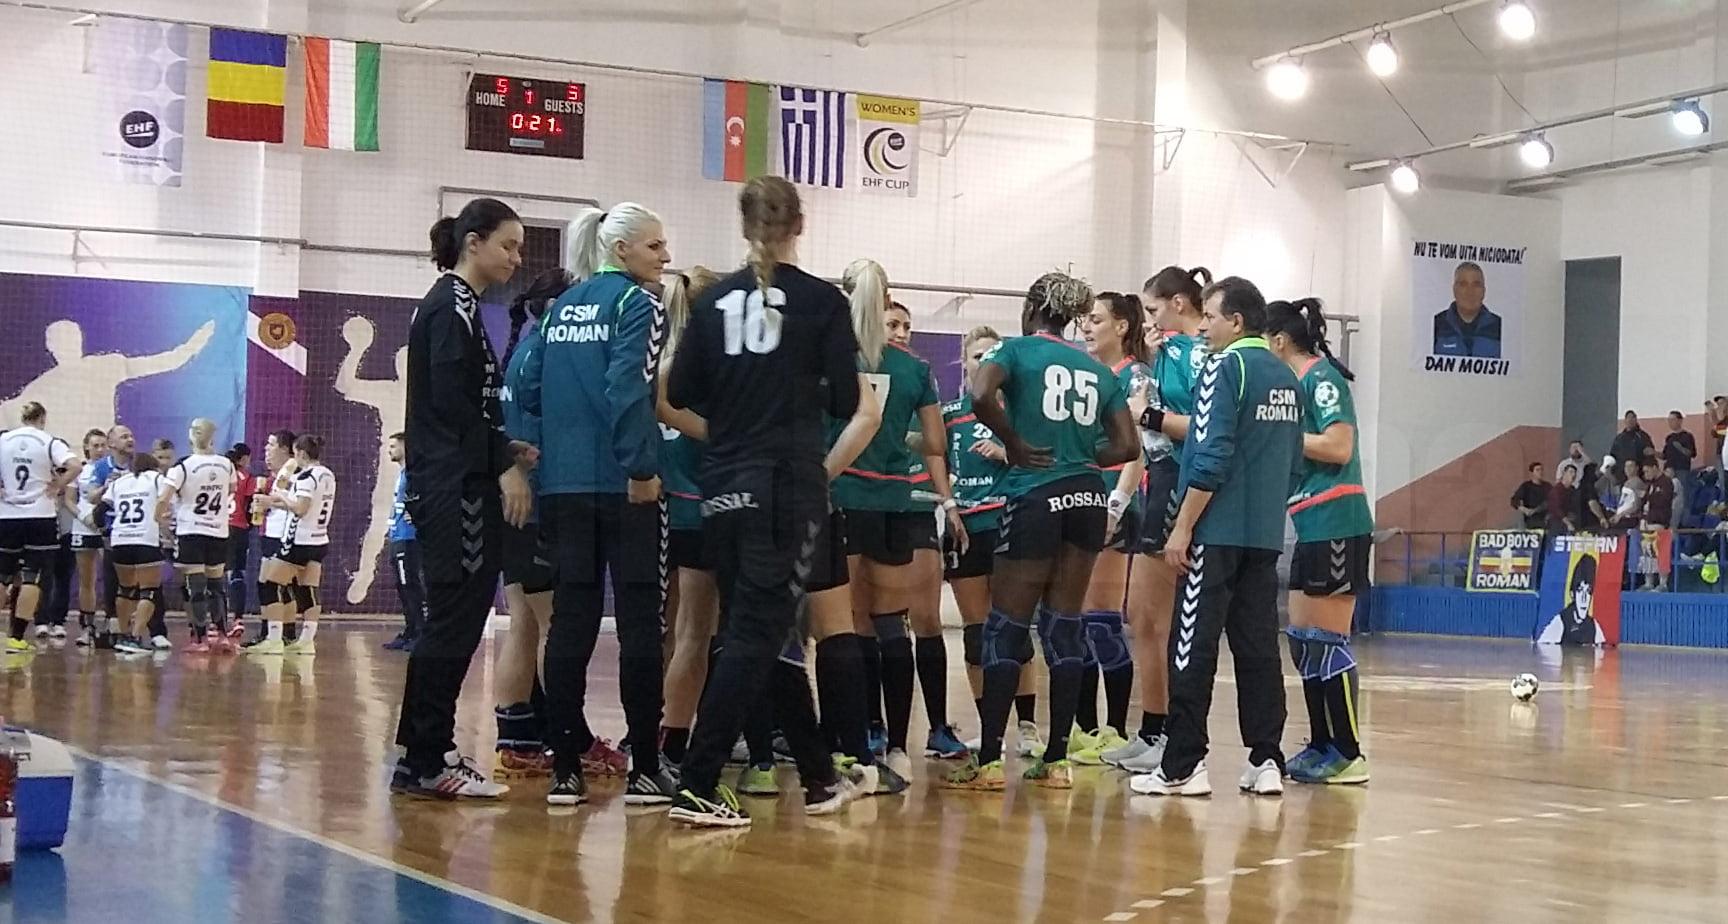 Amenzi și penalizări cu 30% din salarii pentru trei luni, la echipa de handbal CSM Roman